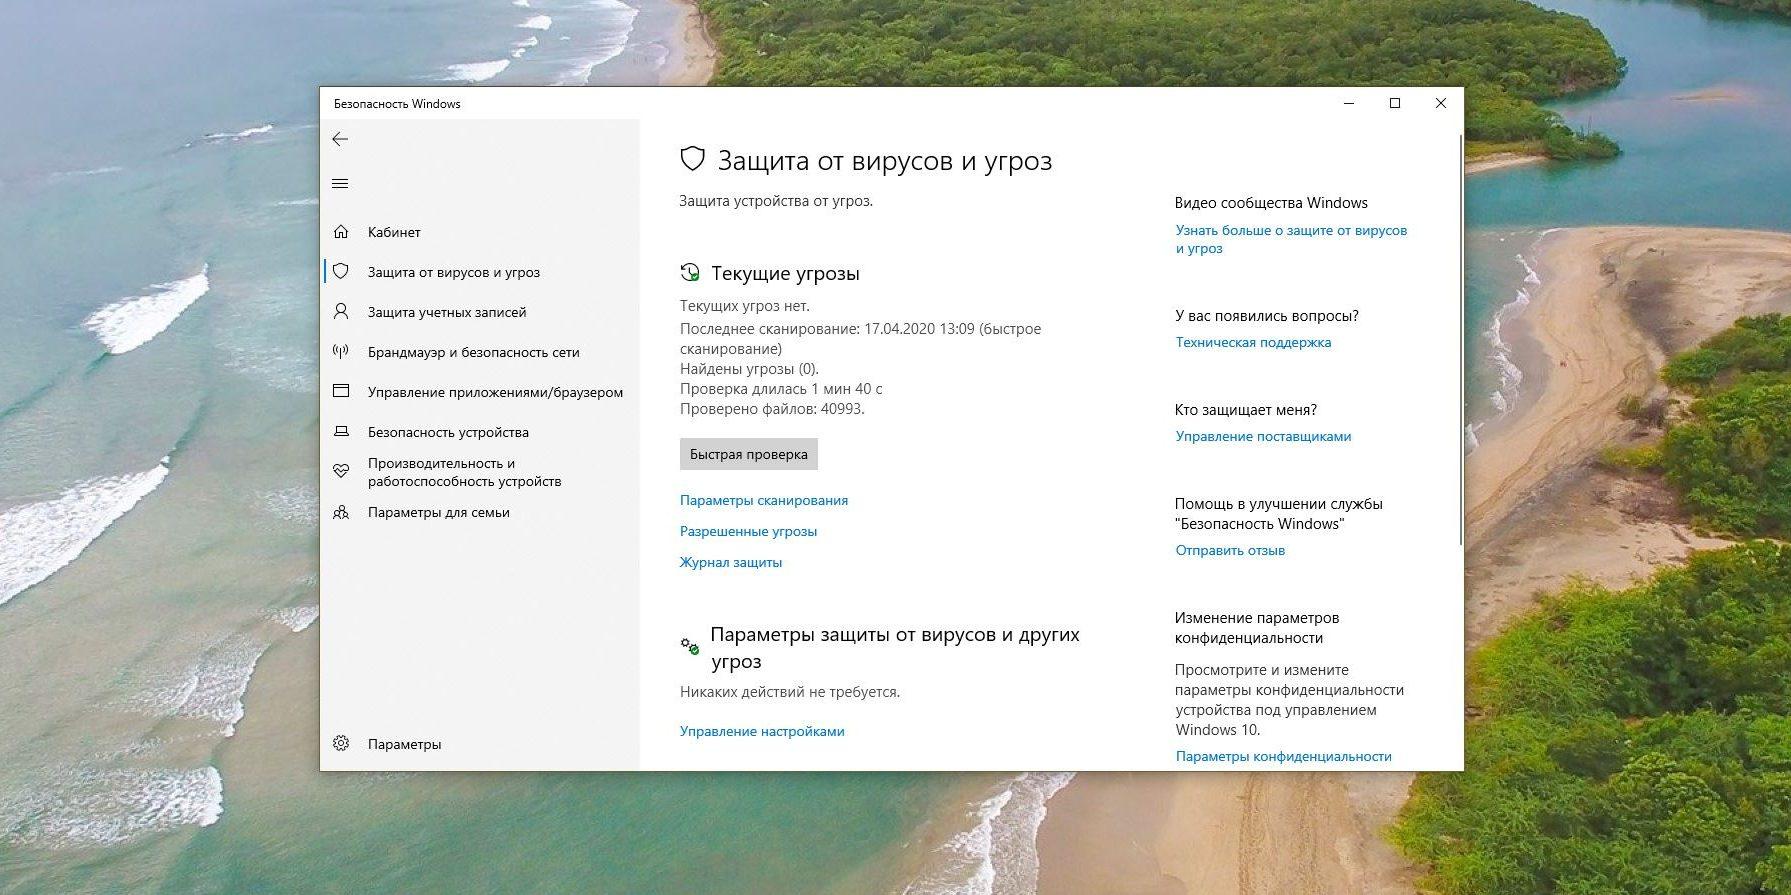 yakscho potr bna programa ne vstanovlyu t sya na windows 9 rad 4 - Якщо потрібна програма не встановлюється на Windows: 9 рад